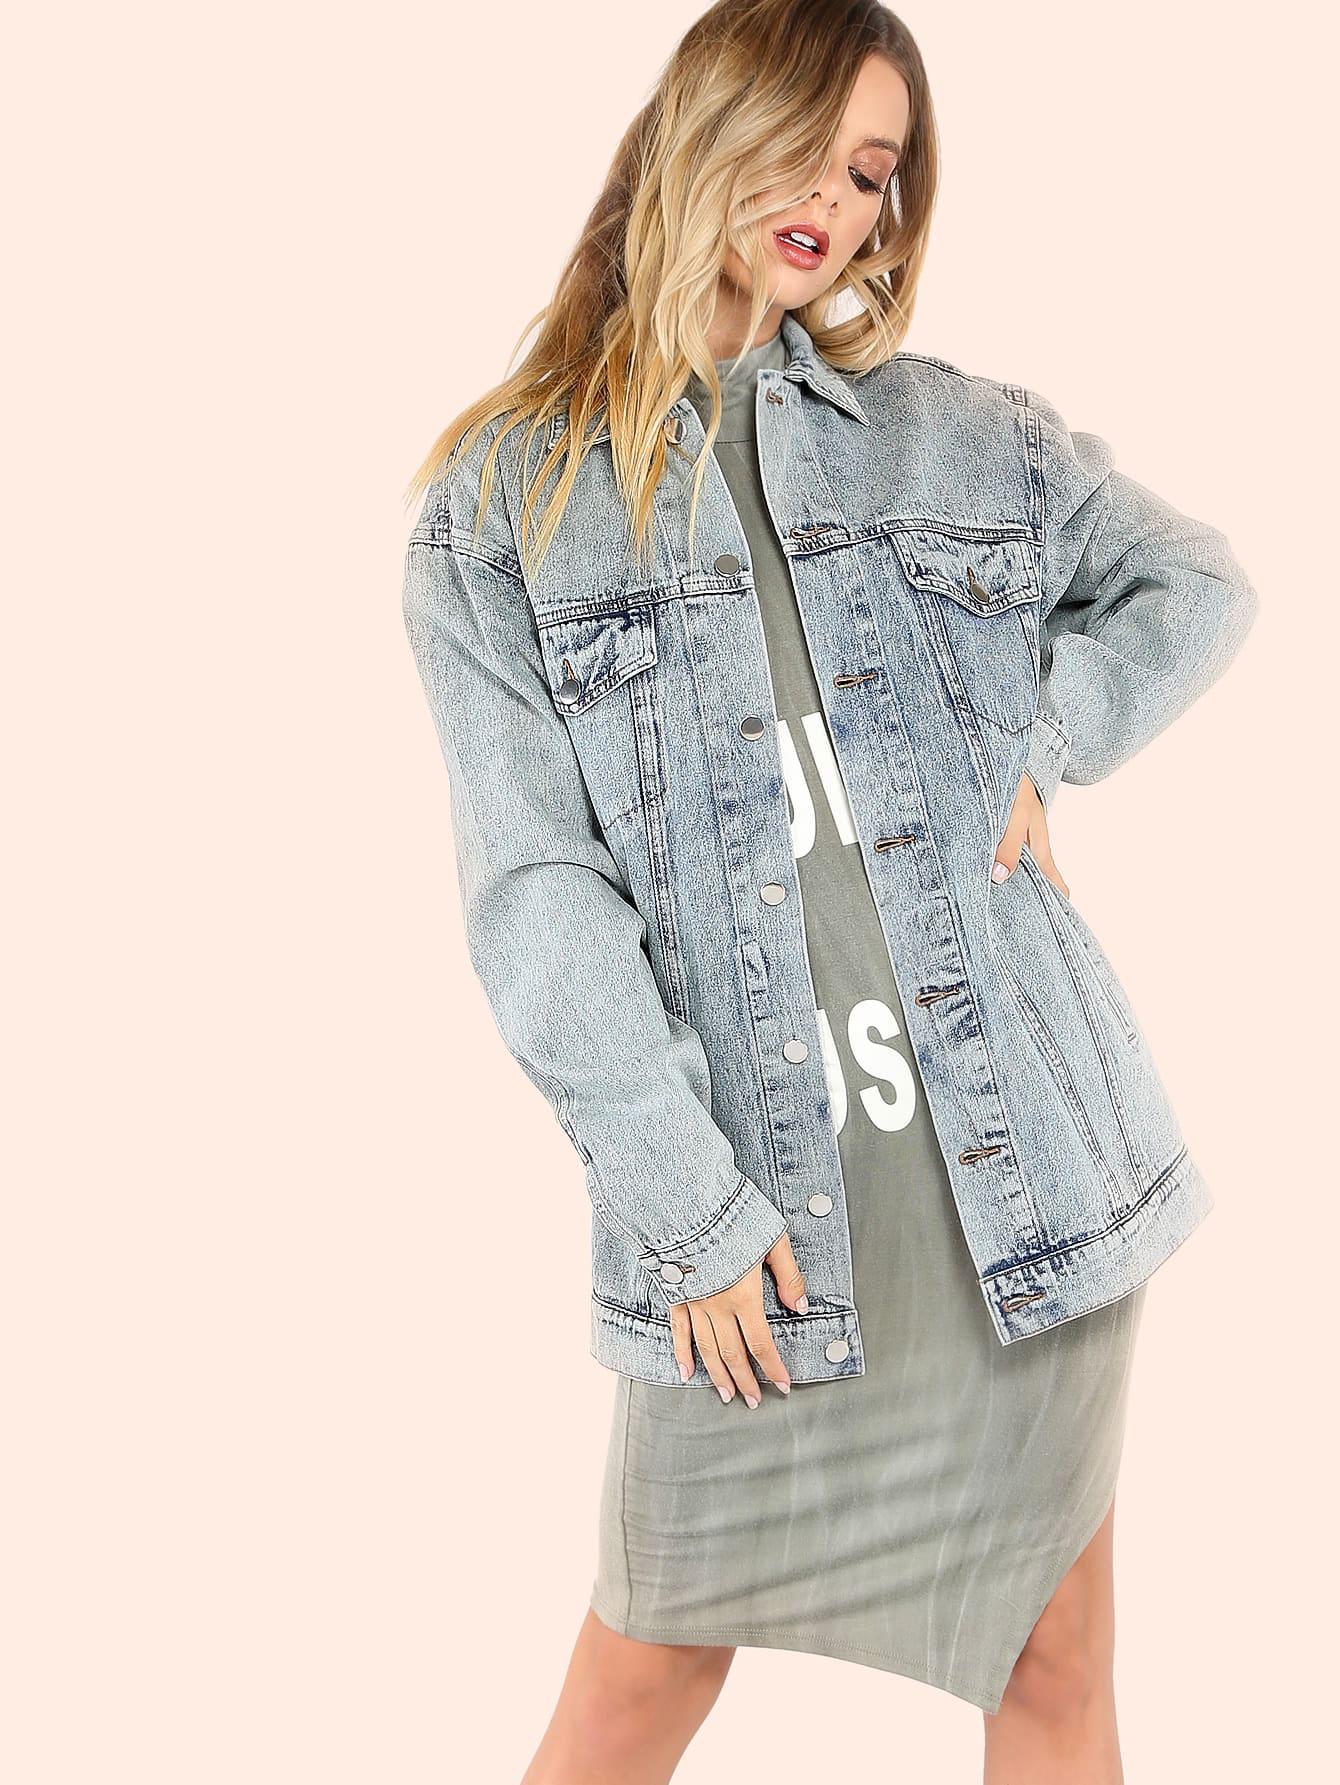 Купить со скидкой Mineral Wash Oversized Denim Jacket